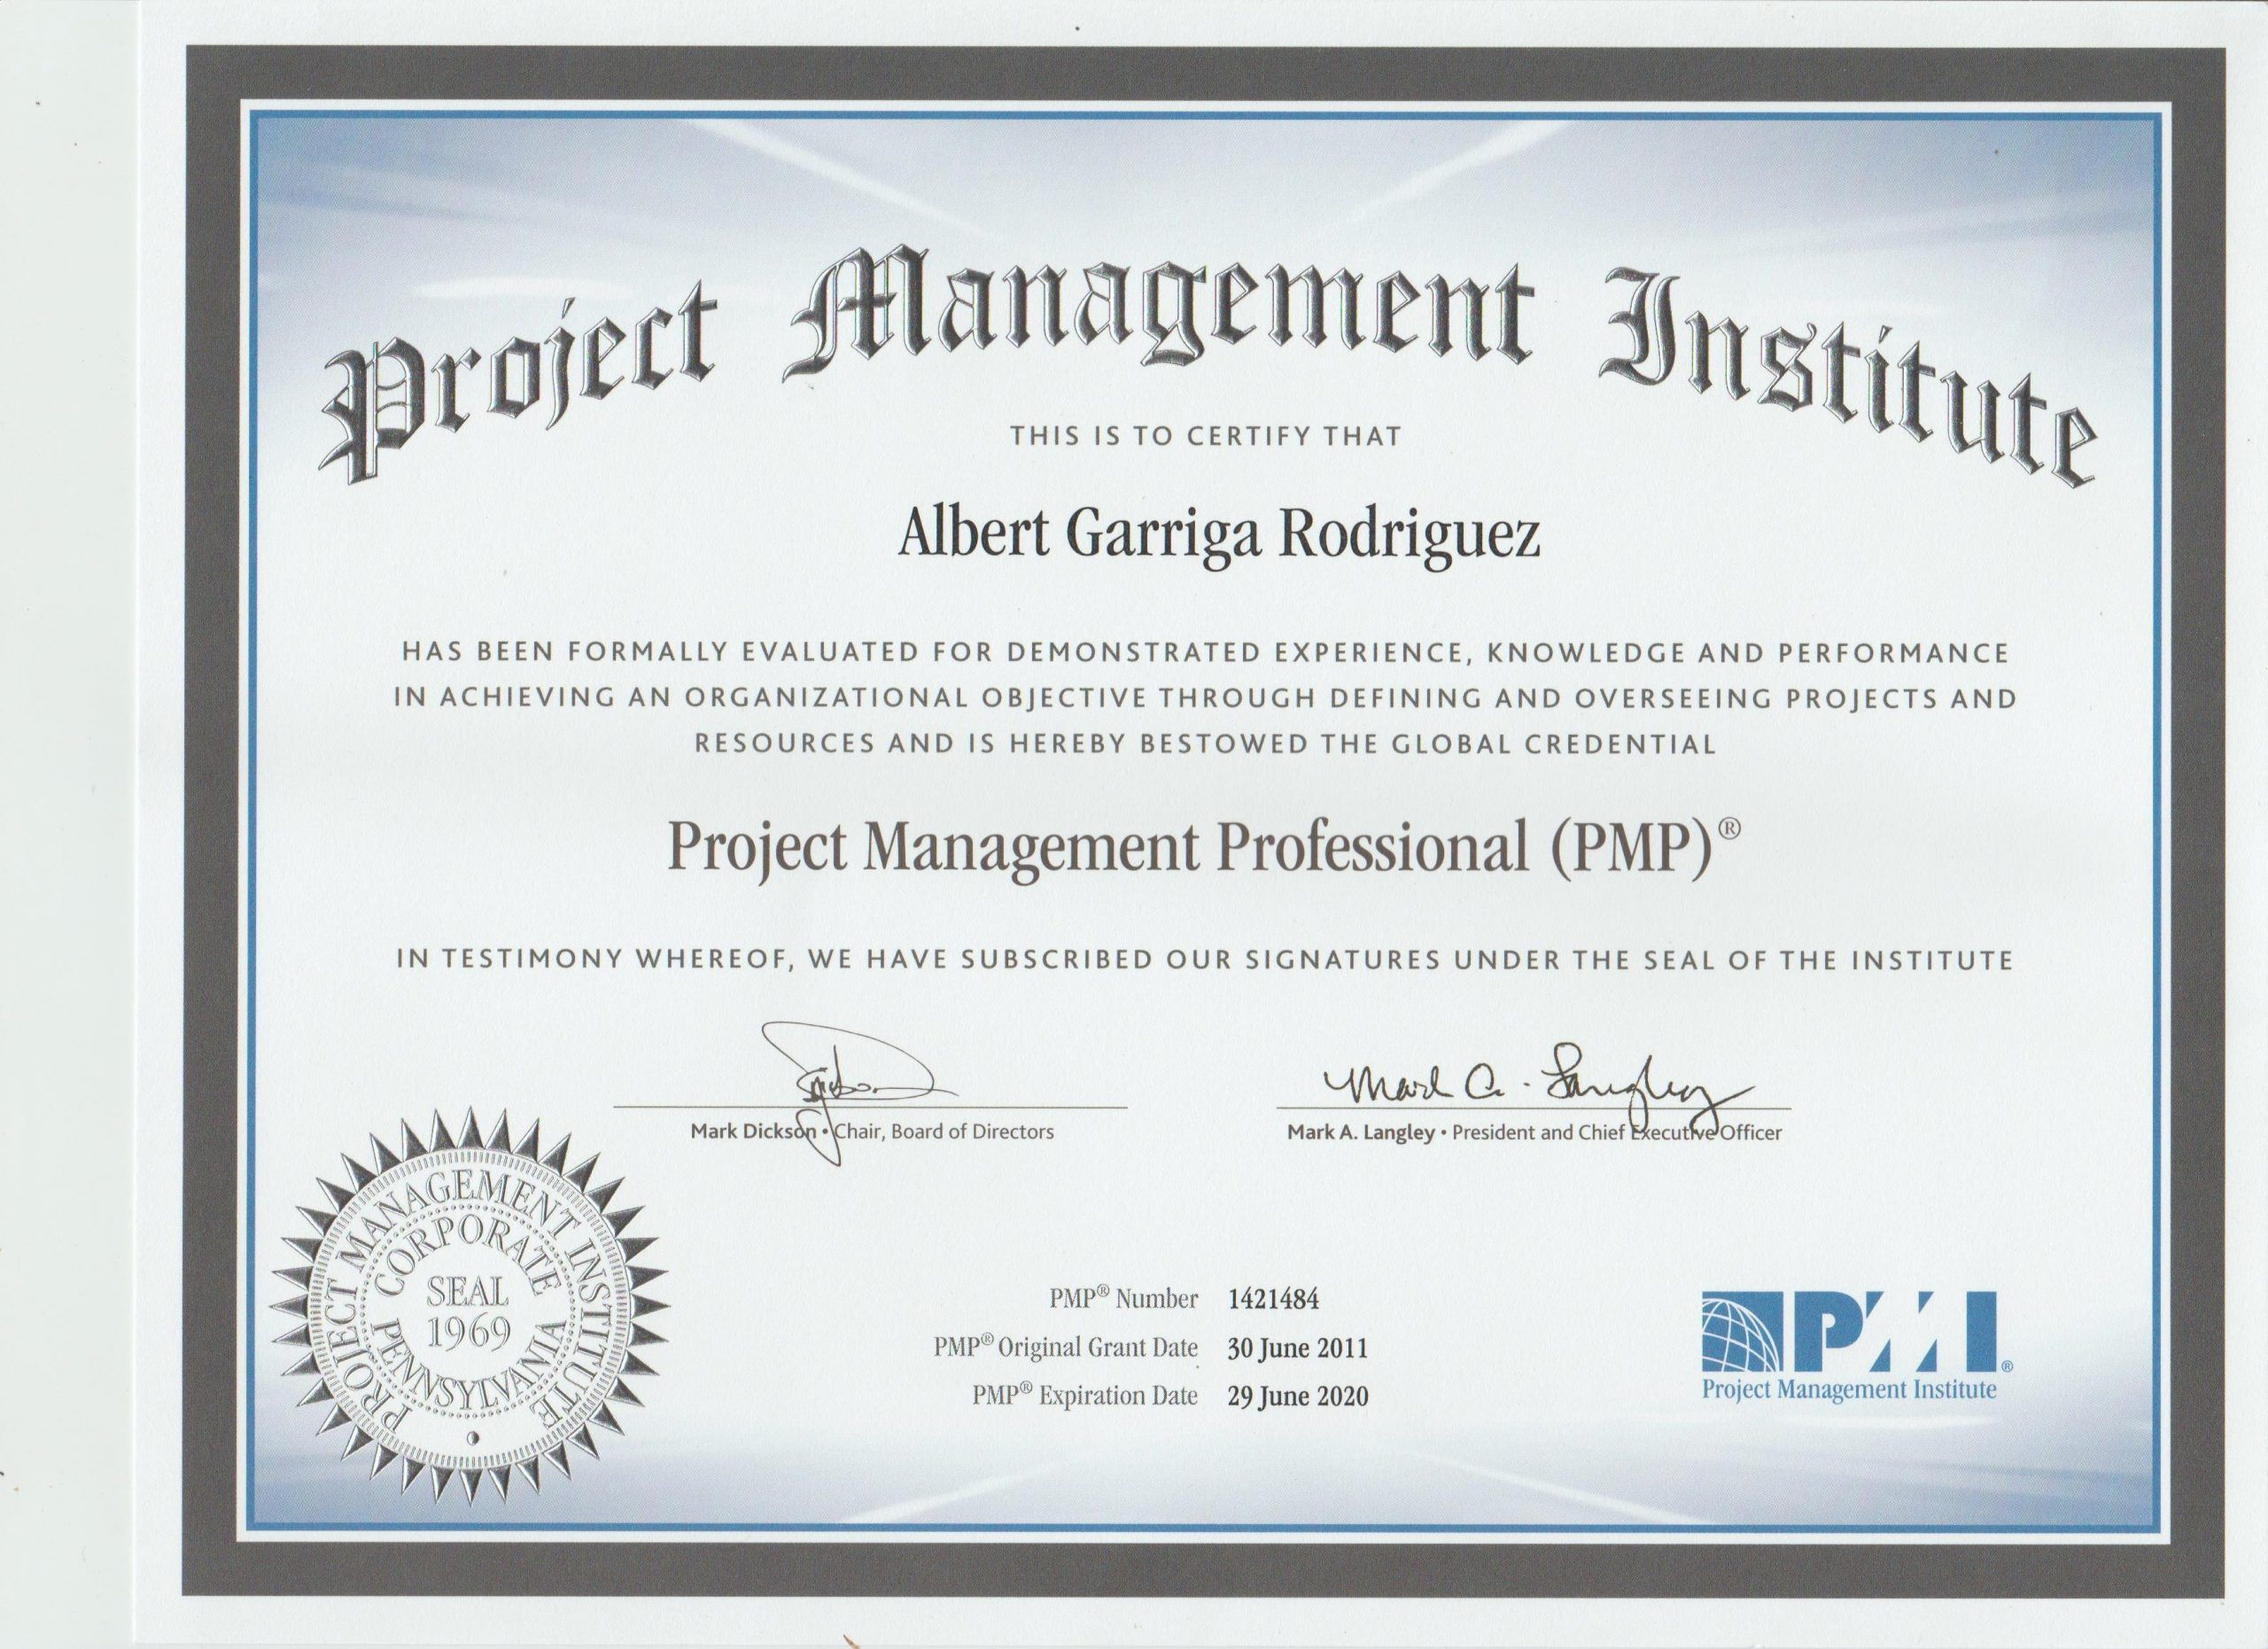 certificación en gestión de proyectos PMP